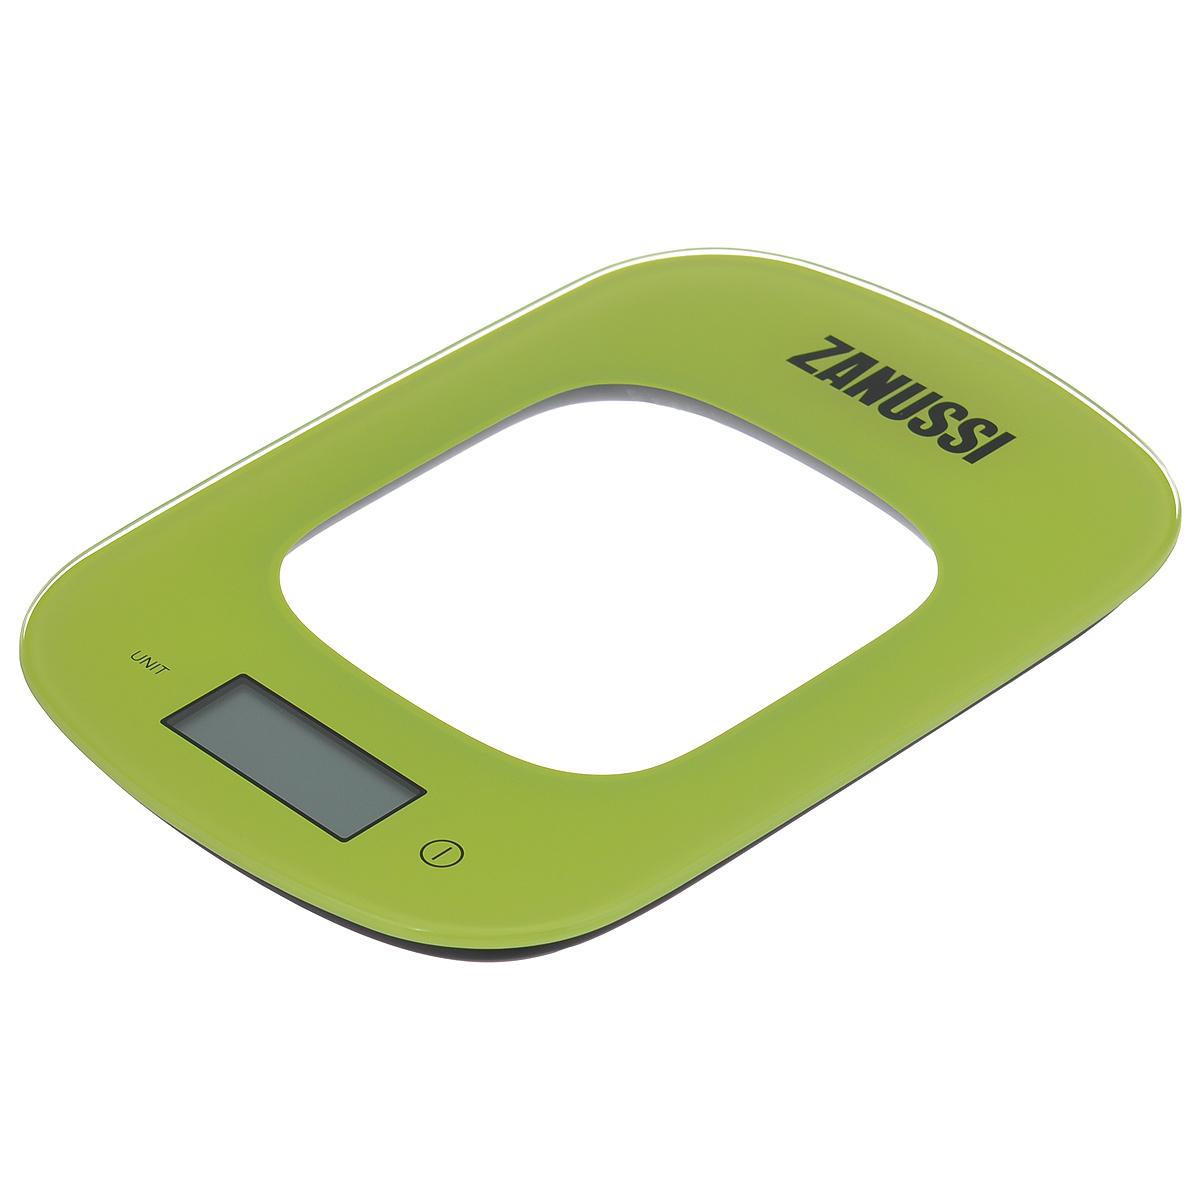 """Весы кухонные Zanussi """"Venezia"""", электронные, цвет: зеленый, до 5 кг"""